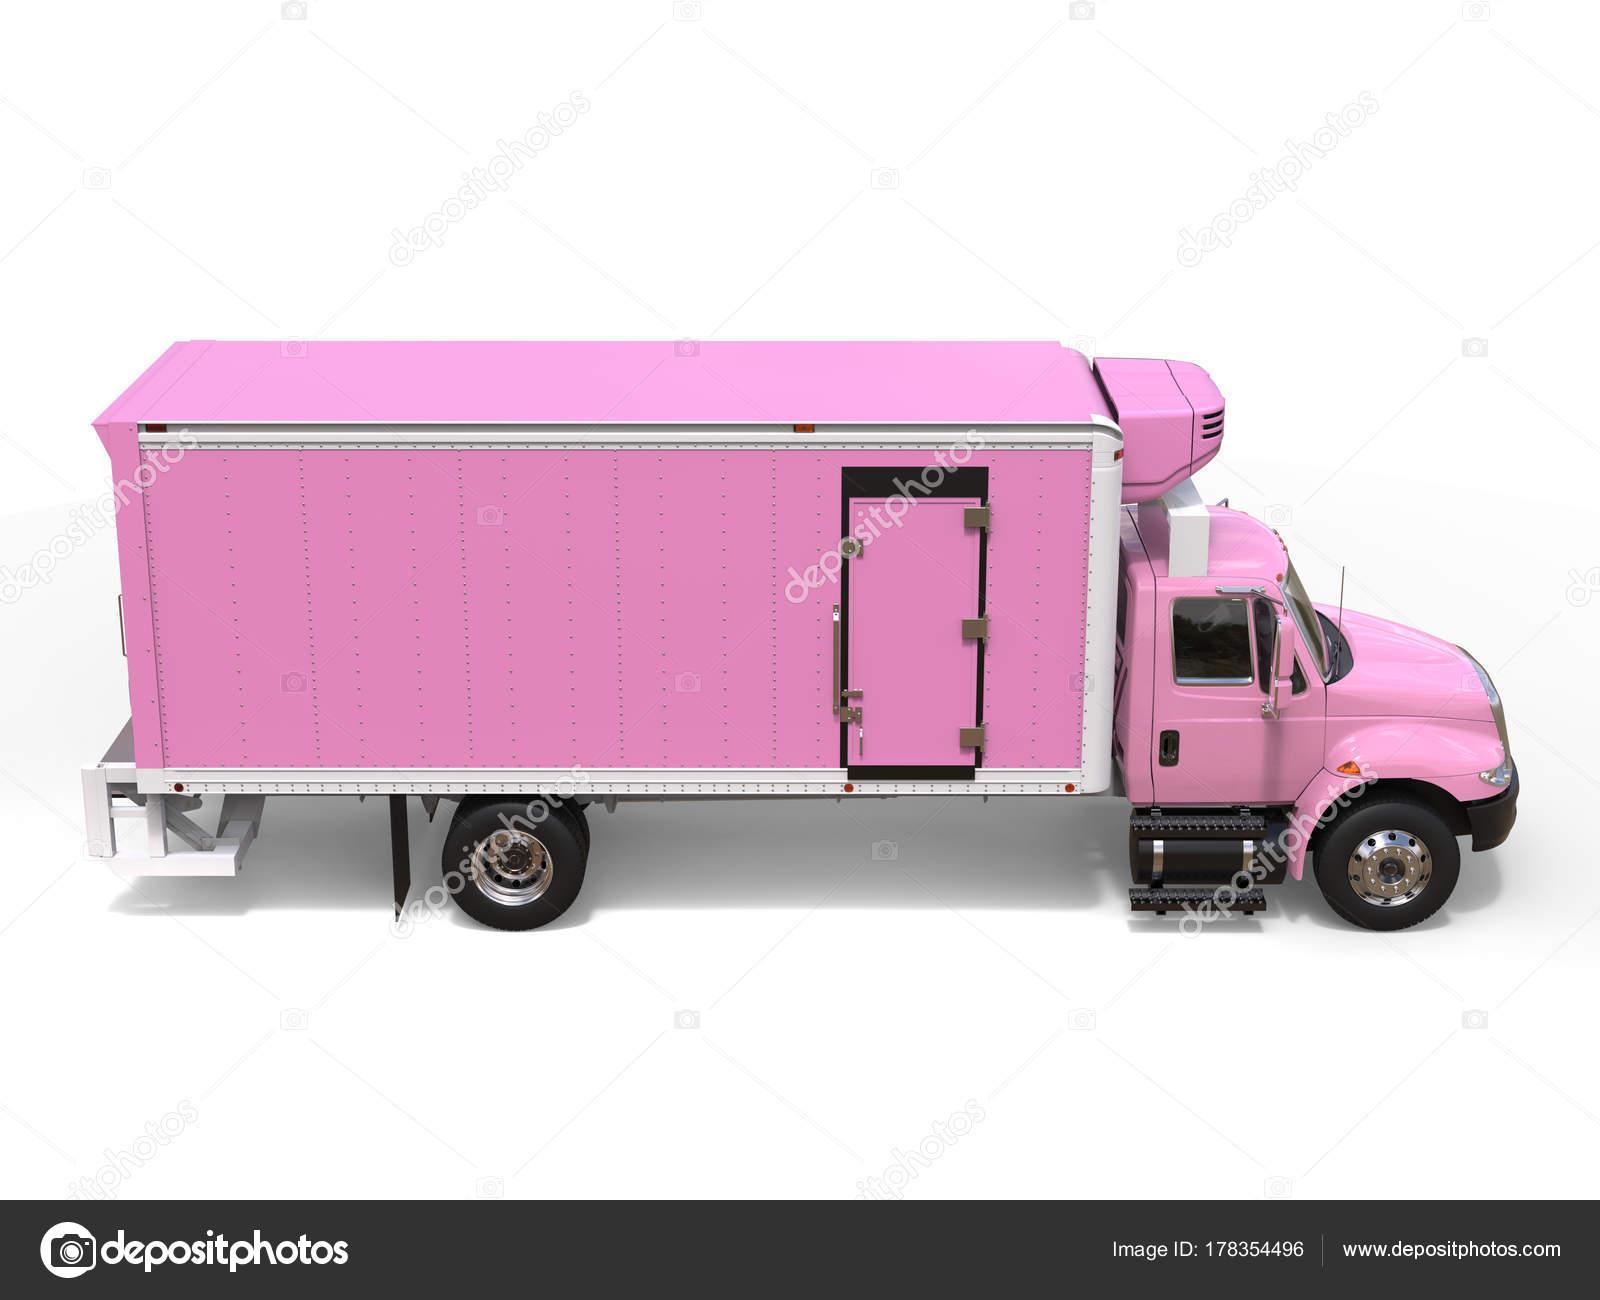 Kühlschrank Rosa : Rosa kühlschrank lkw ladung von oben nach unten seitenansicht